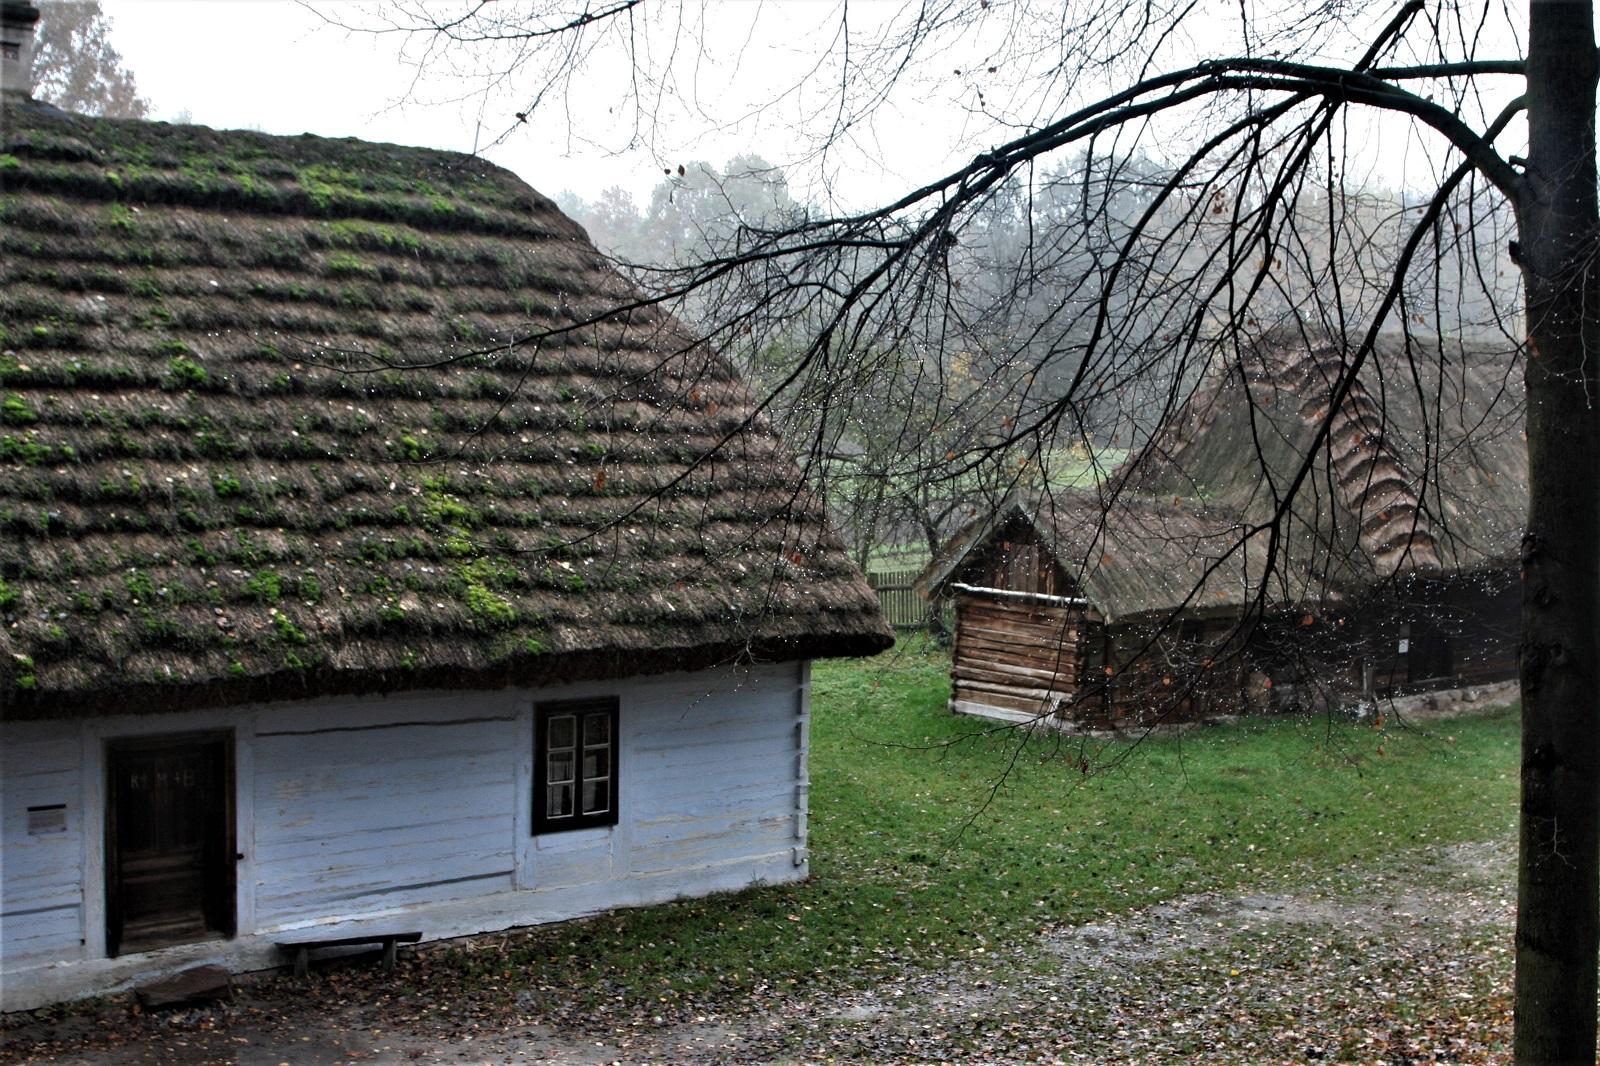 Skansen prezentuje zabudowania wiejskie ze środkowej części Polski